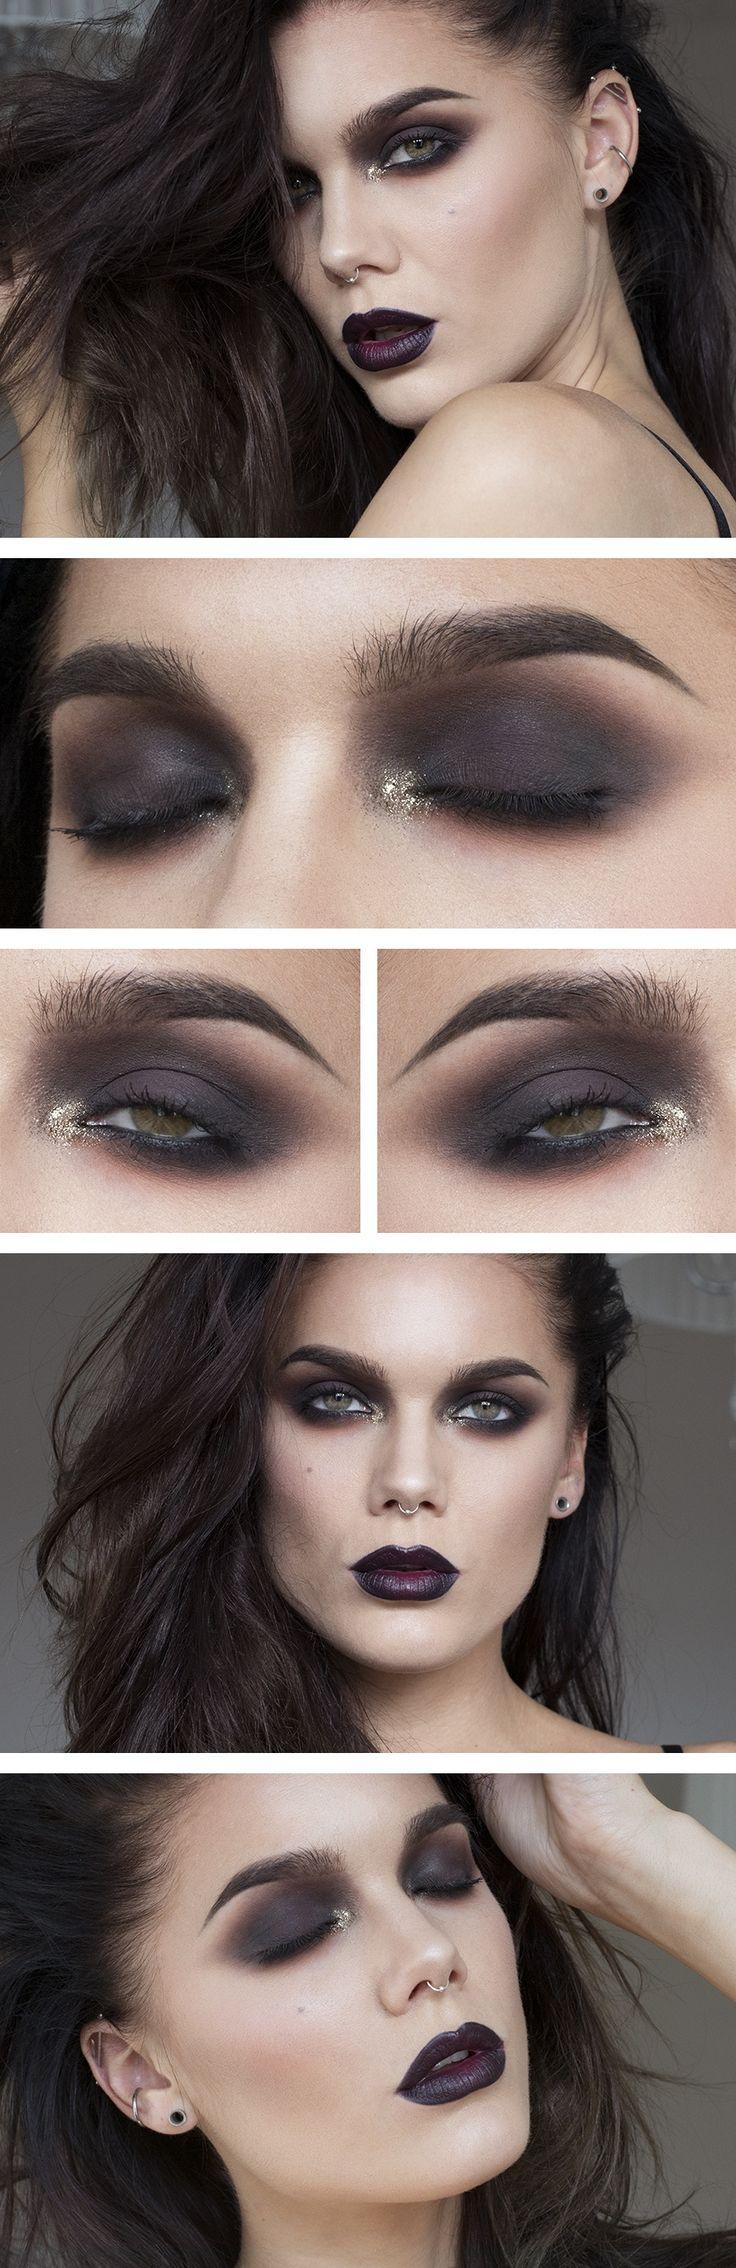 Best 25+ Vamp makeup ideas on Pinterest | Gothic eye makeup, Vampy ...